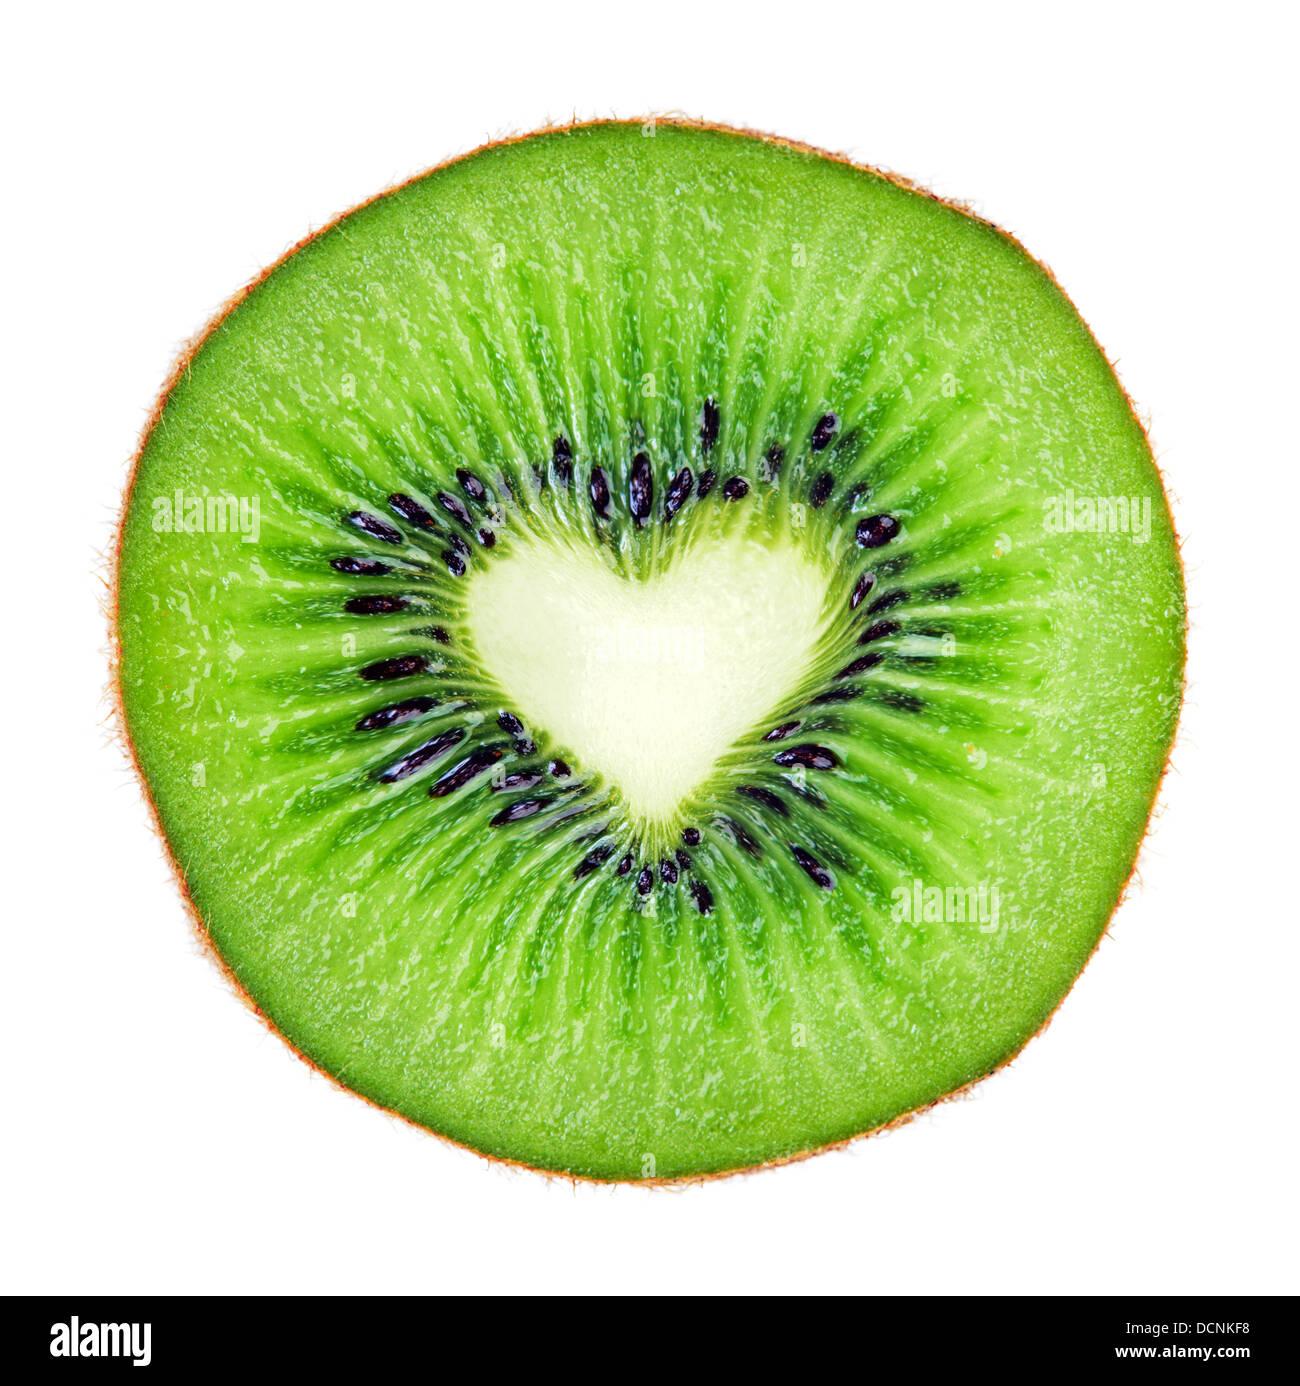 Sliced juicy kiwi fruit macro with heart shape over white. - Stock Image